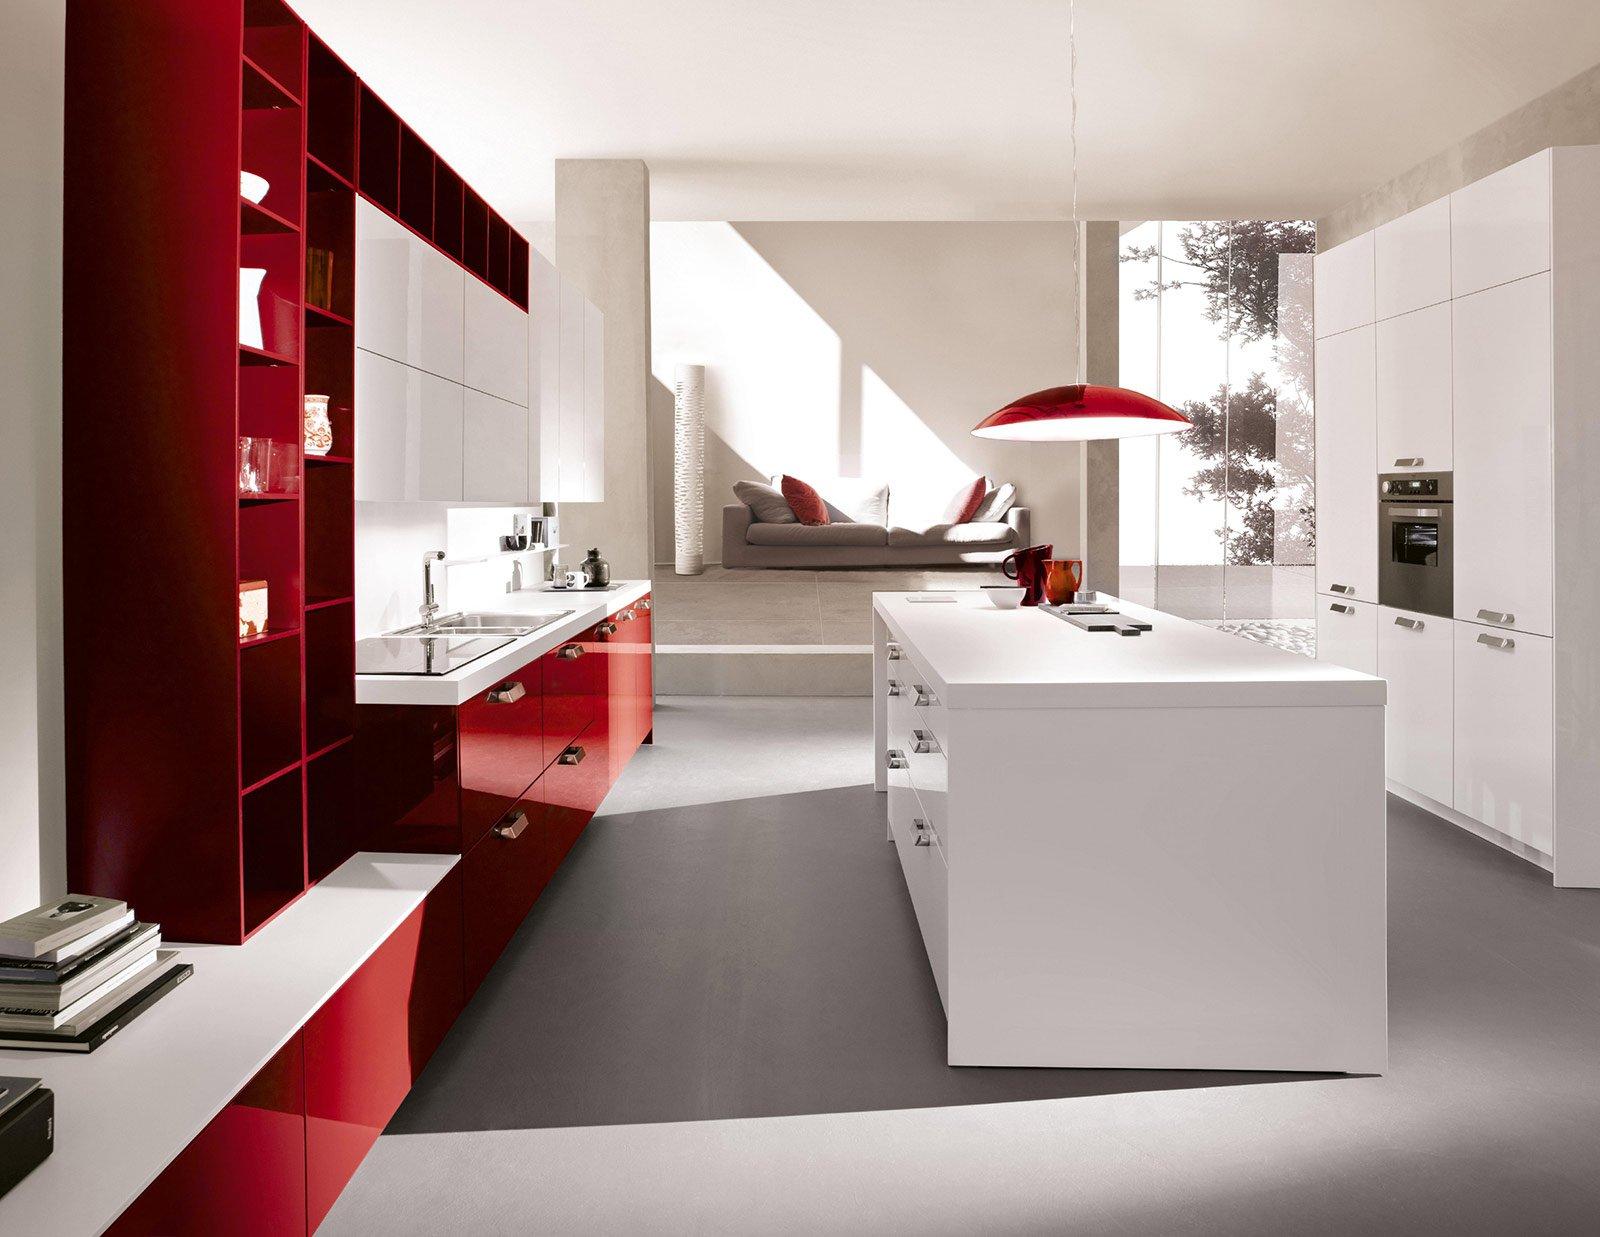 La cucina con l 39 isola monocromatica o bicolore cose di casa for Mobili isola cucina